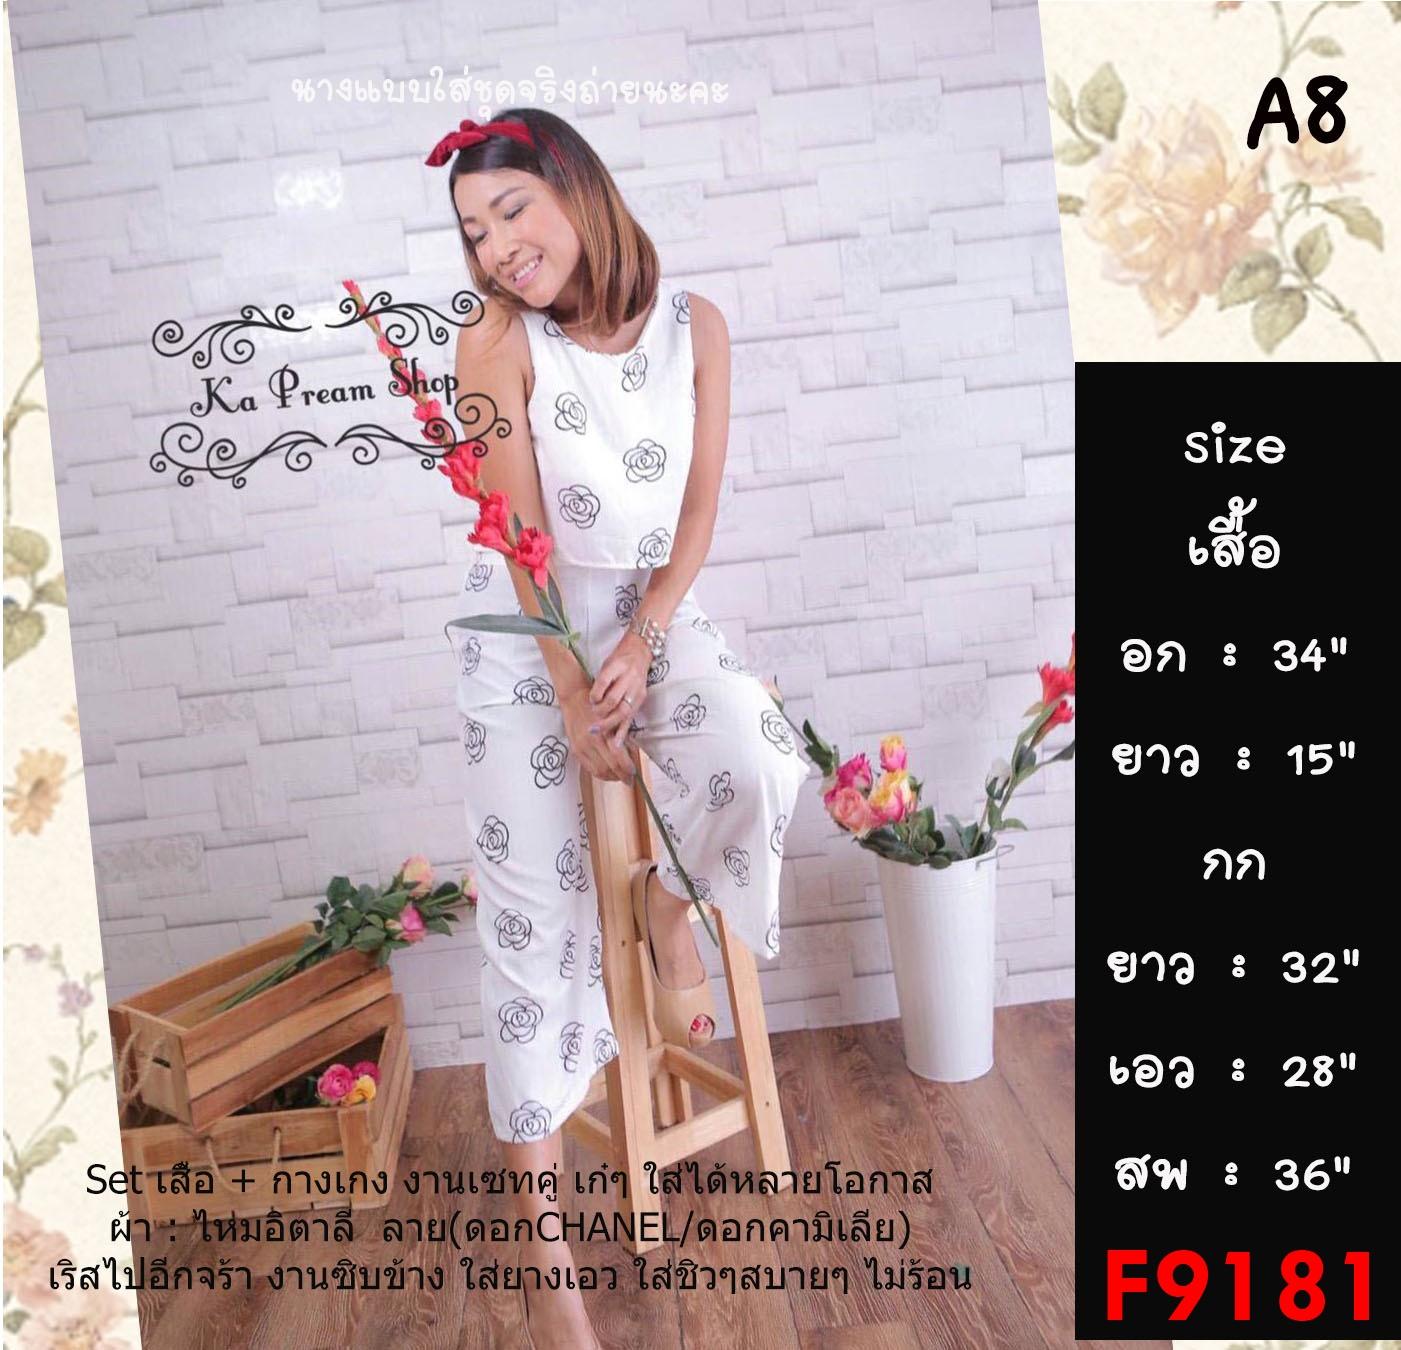 F9181 ชุดเสื้อ+กางเกง เสื้อเอวลอยแขนกุด กางเกงขายาวทรงกระบอก พิมพ์ลายดอกชาแนว สีขาว